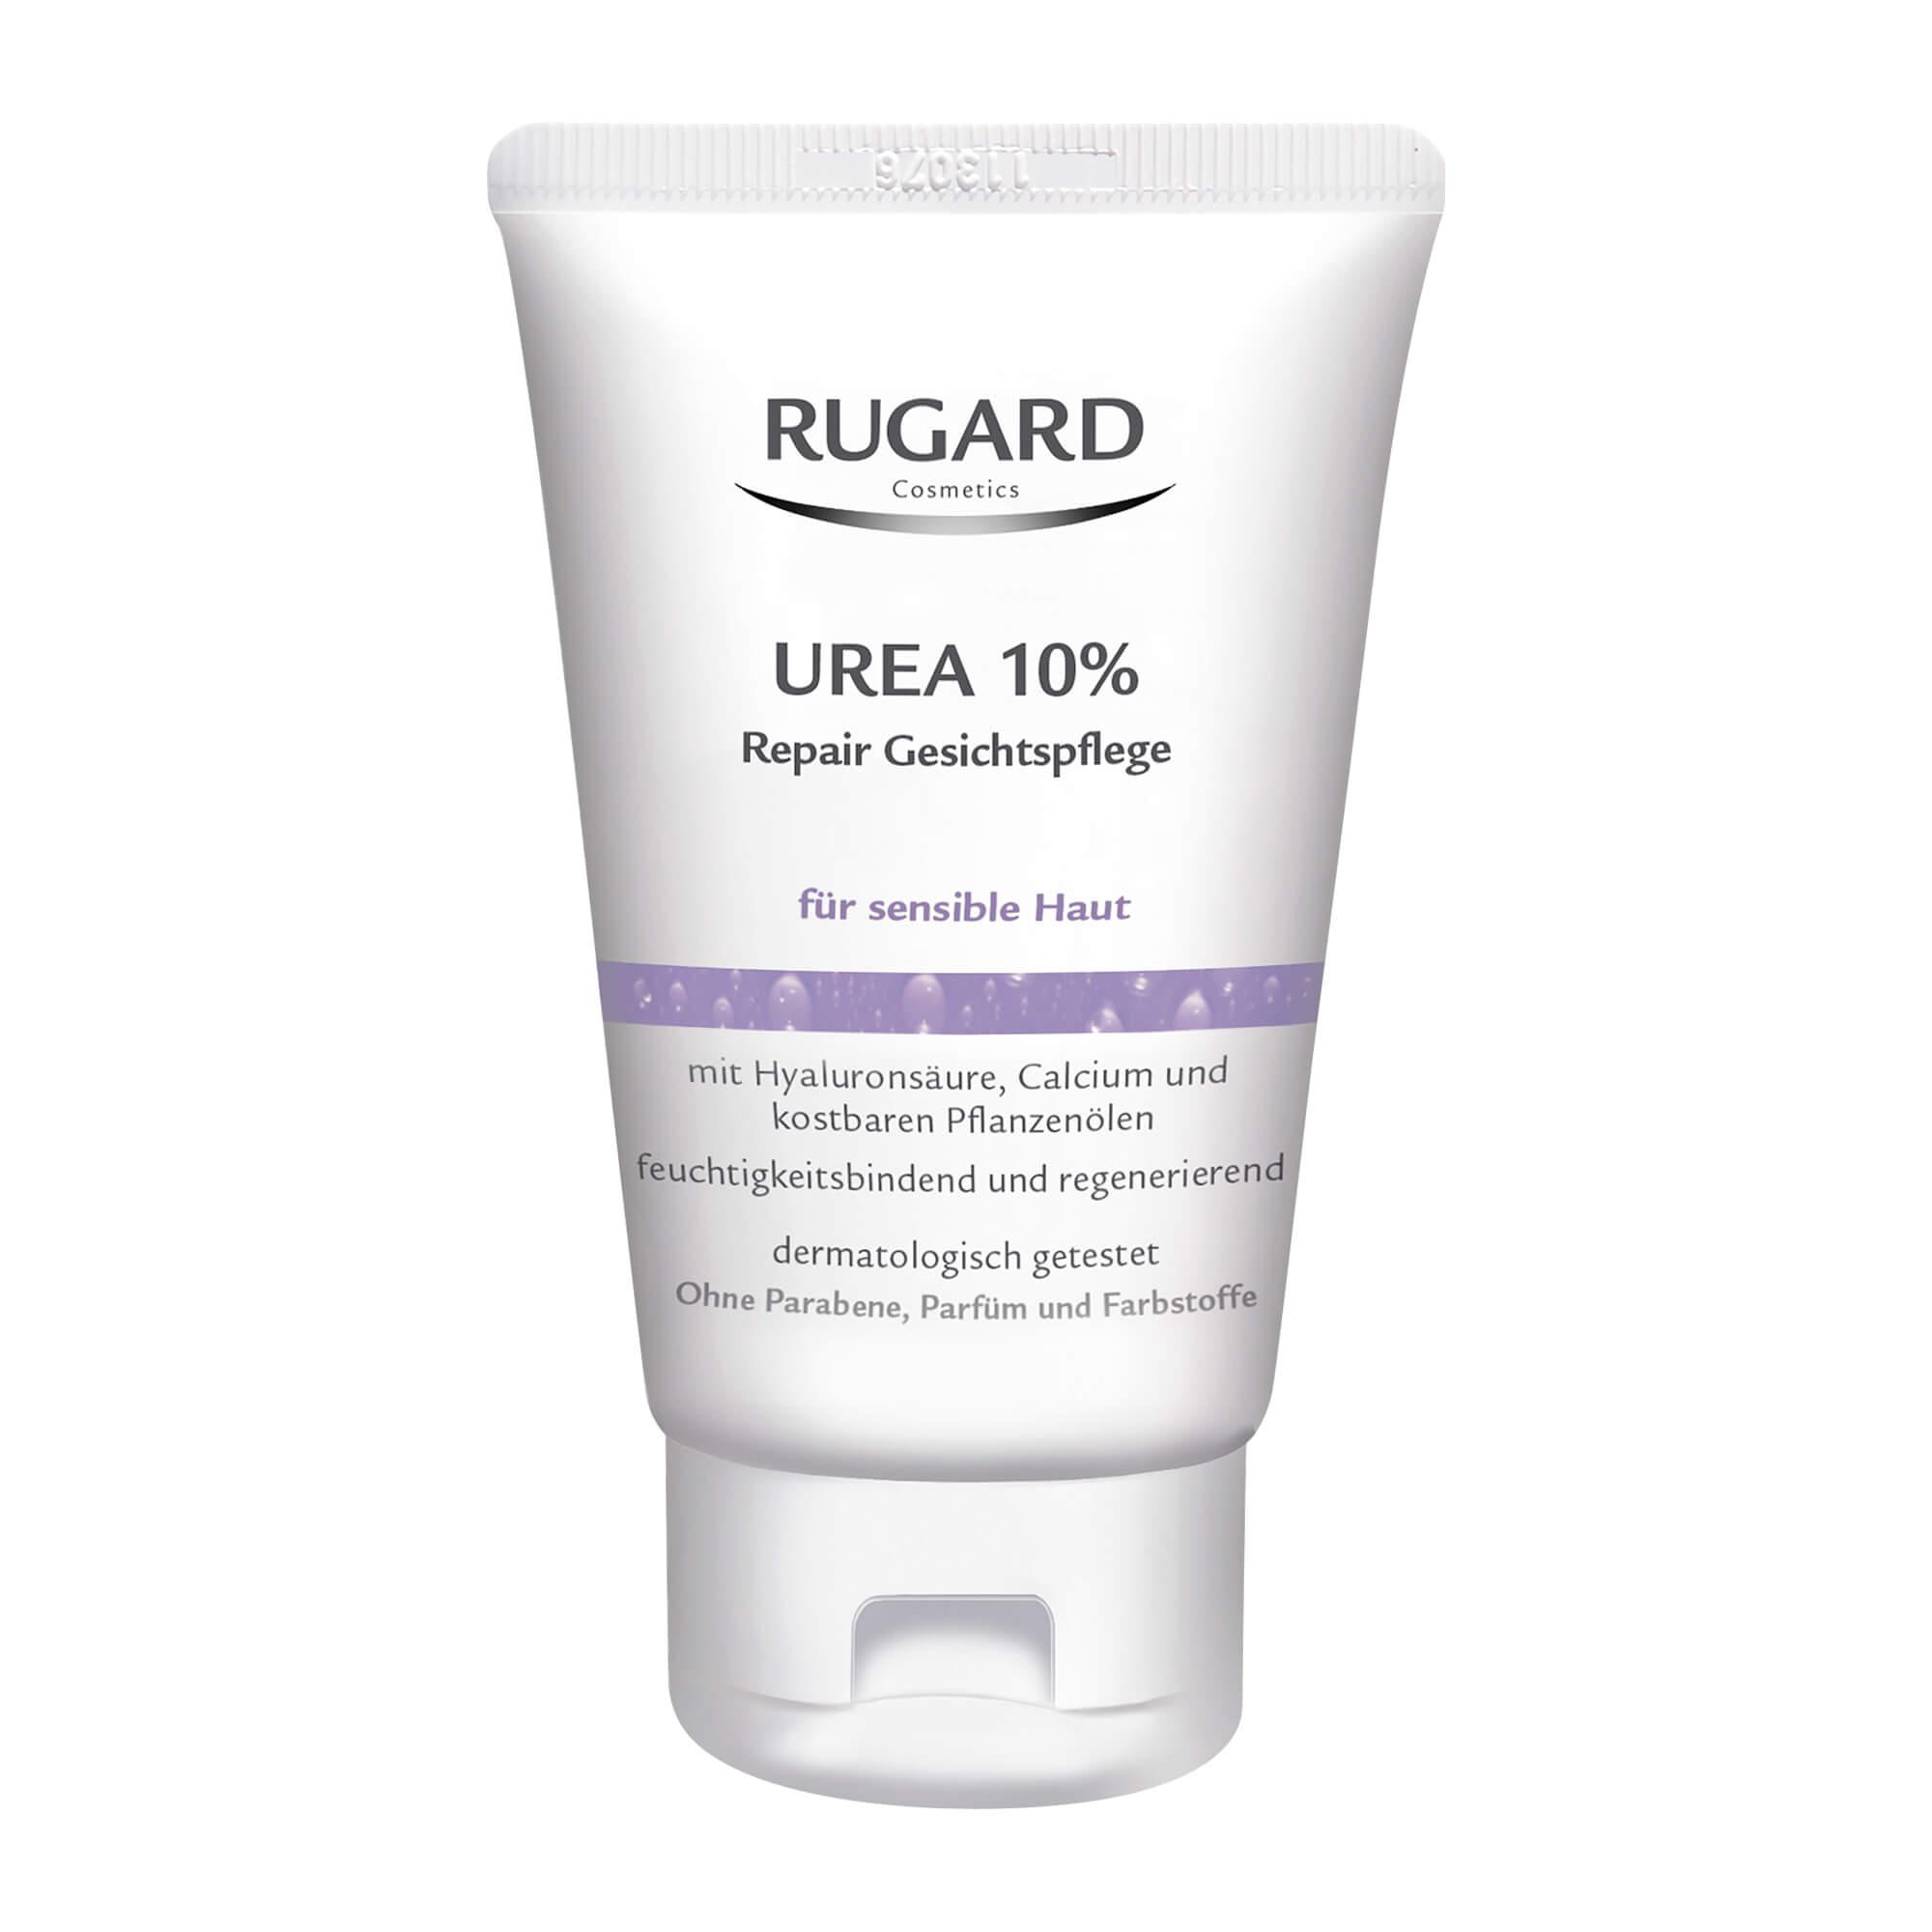 Rugard Urea 10% Gesichtspflege